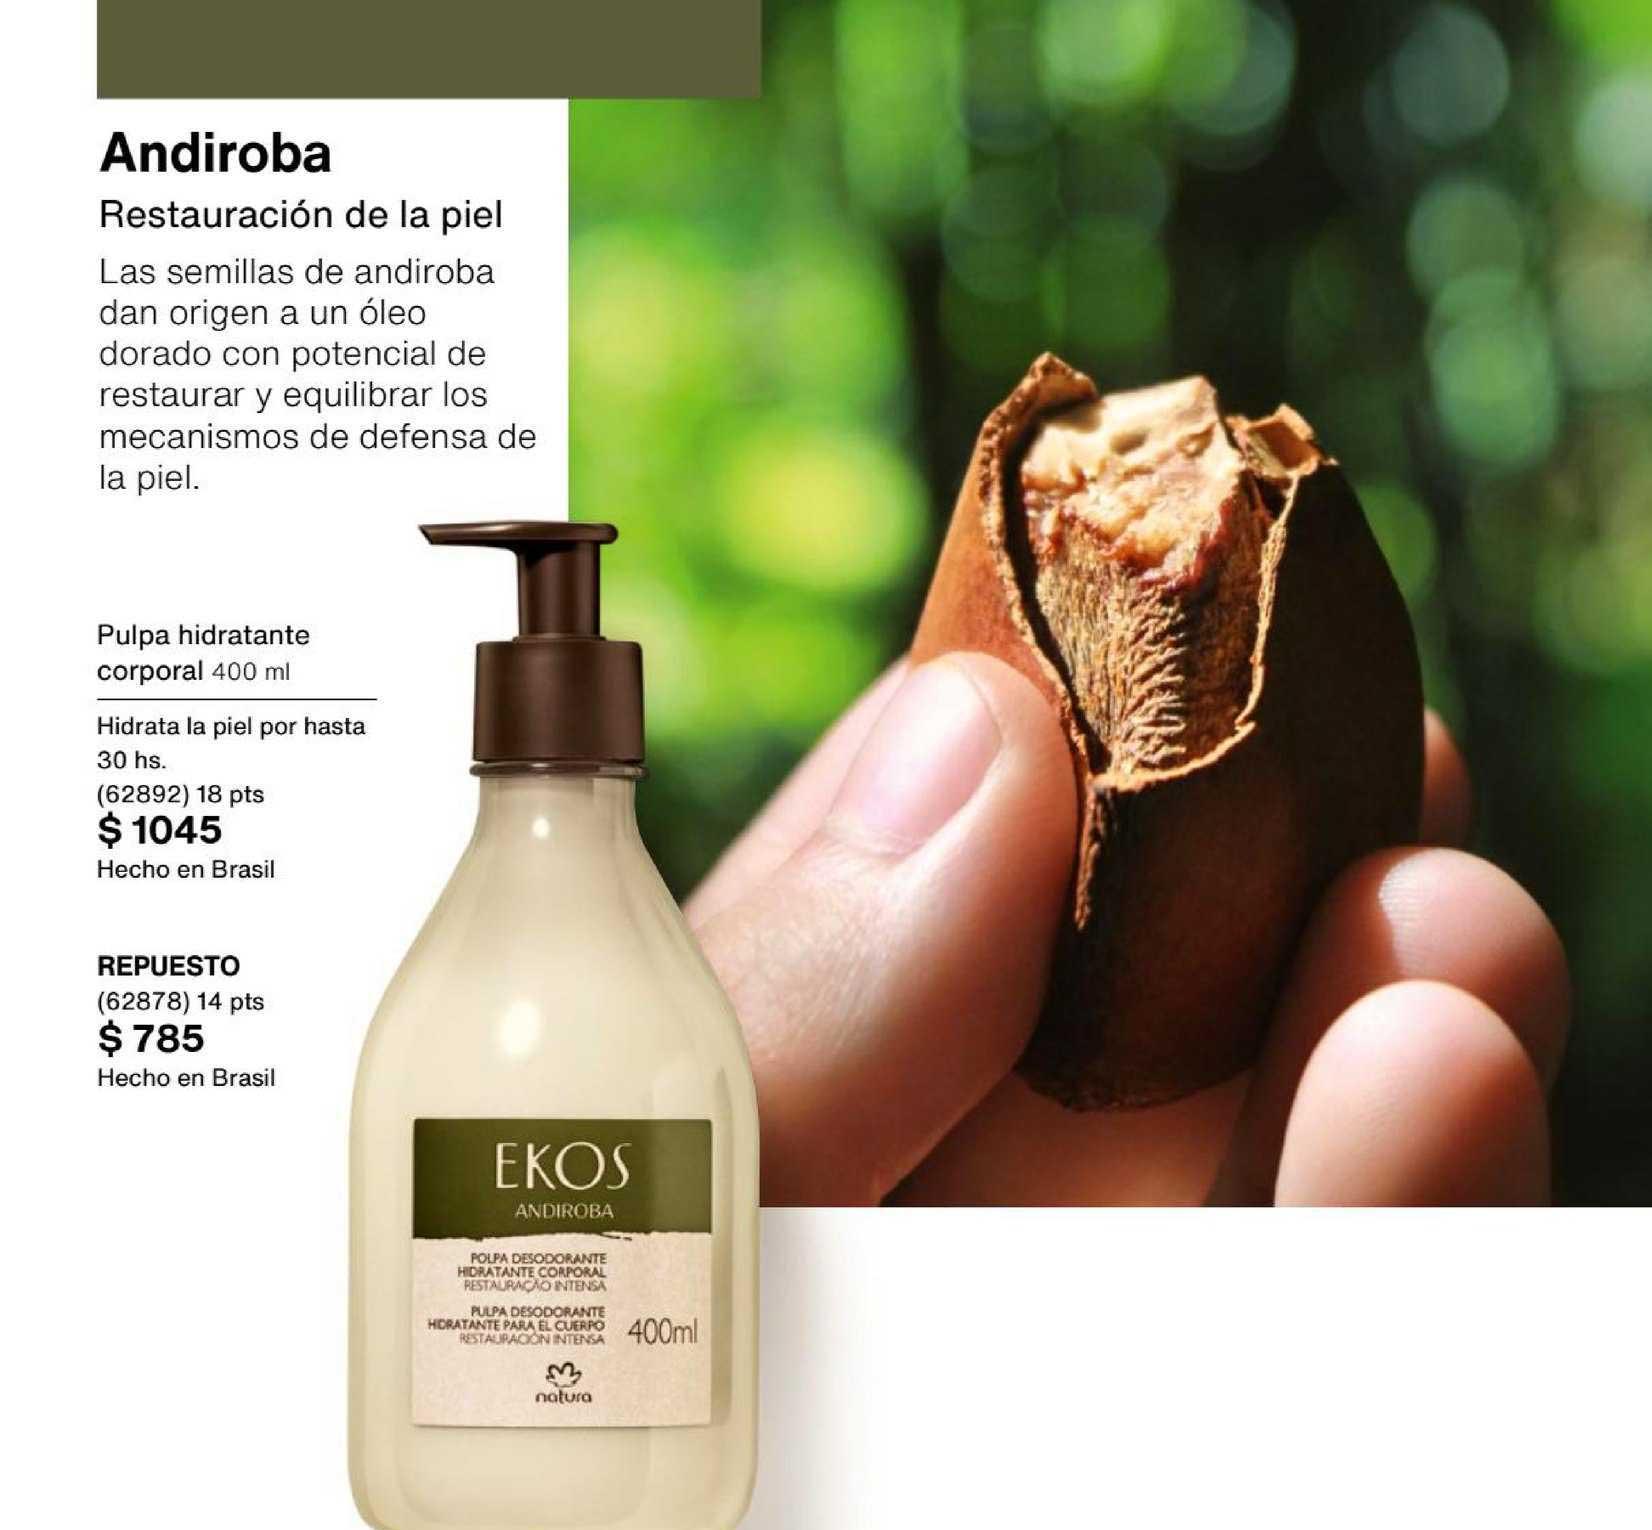 Natura Andiroba Pulpa Hidratante Corporal 400 Ml